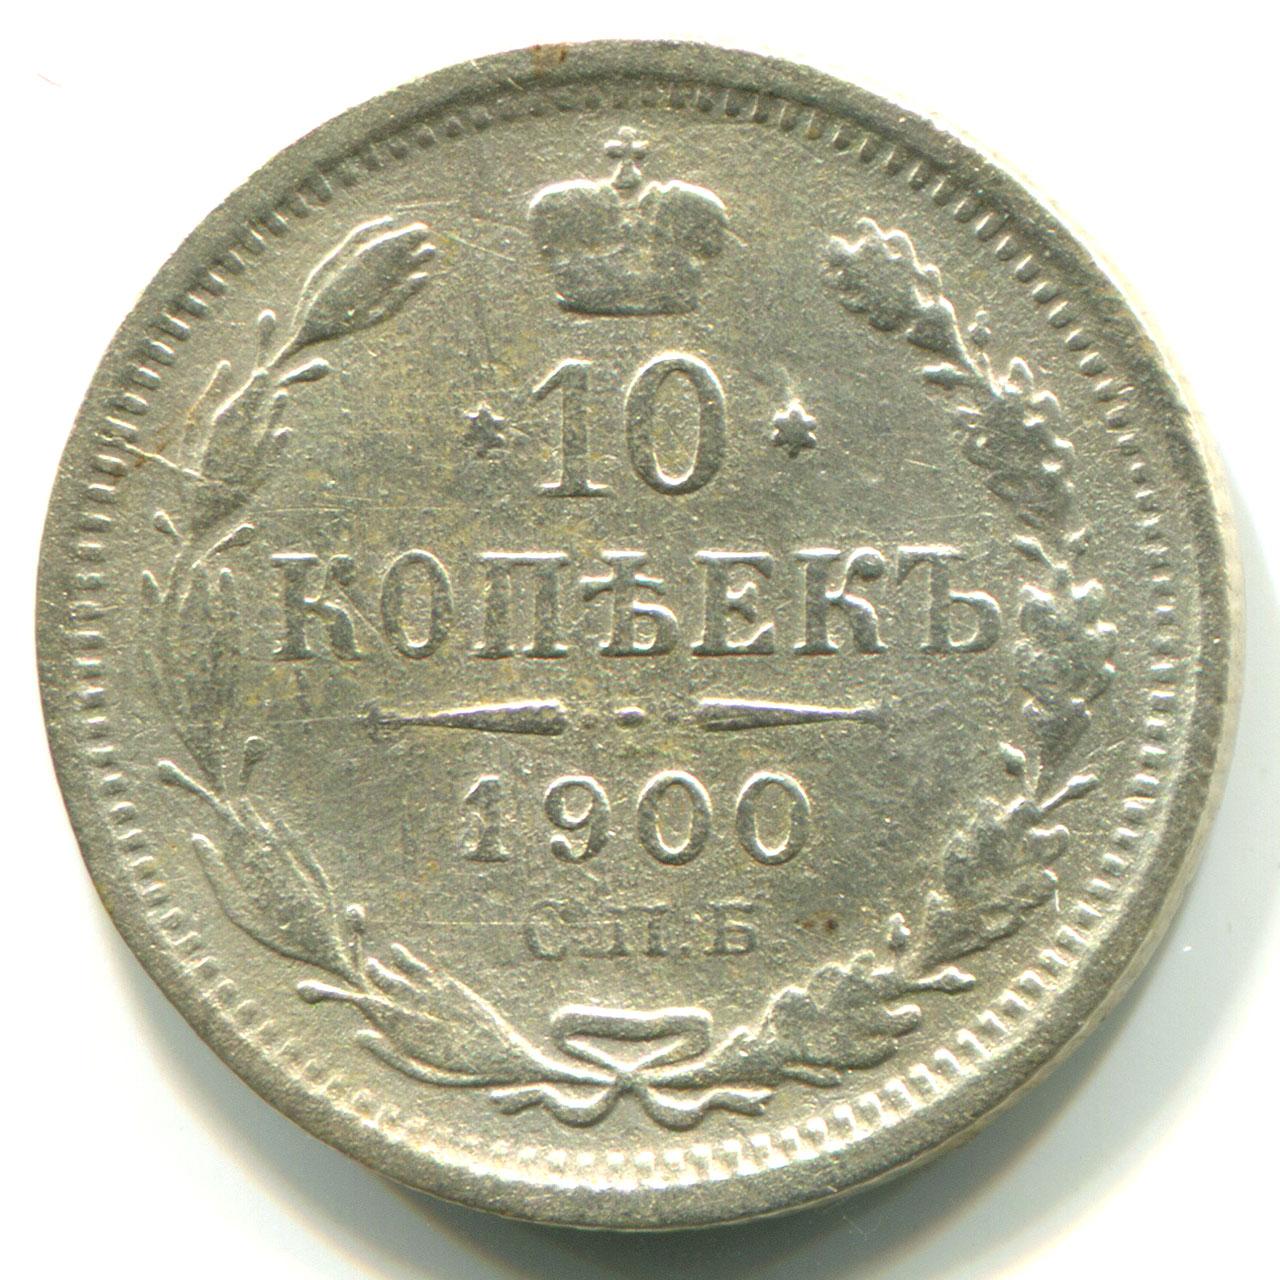 10 копеек 1900 2 рубля 1998